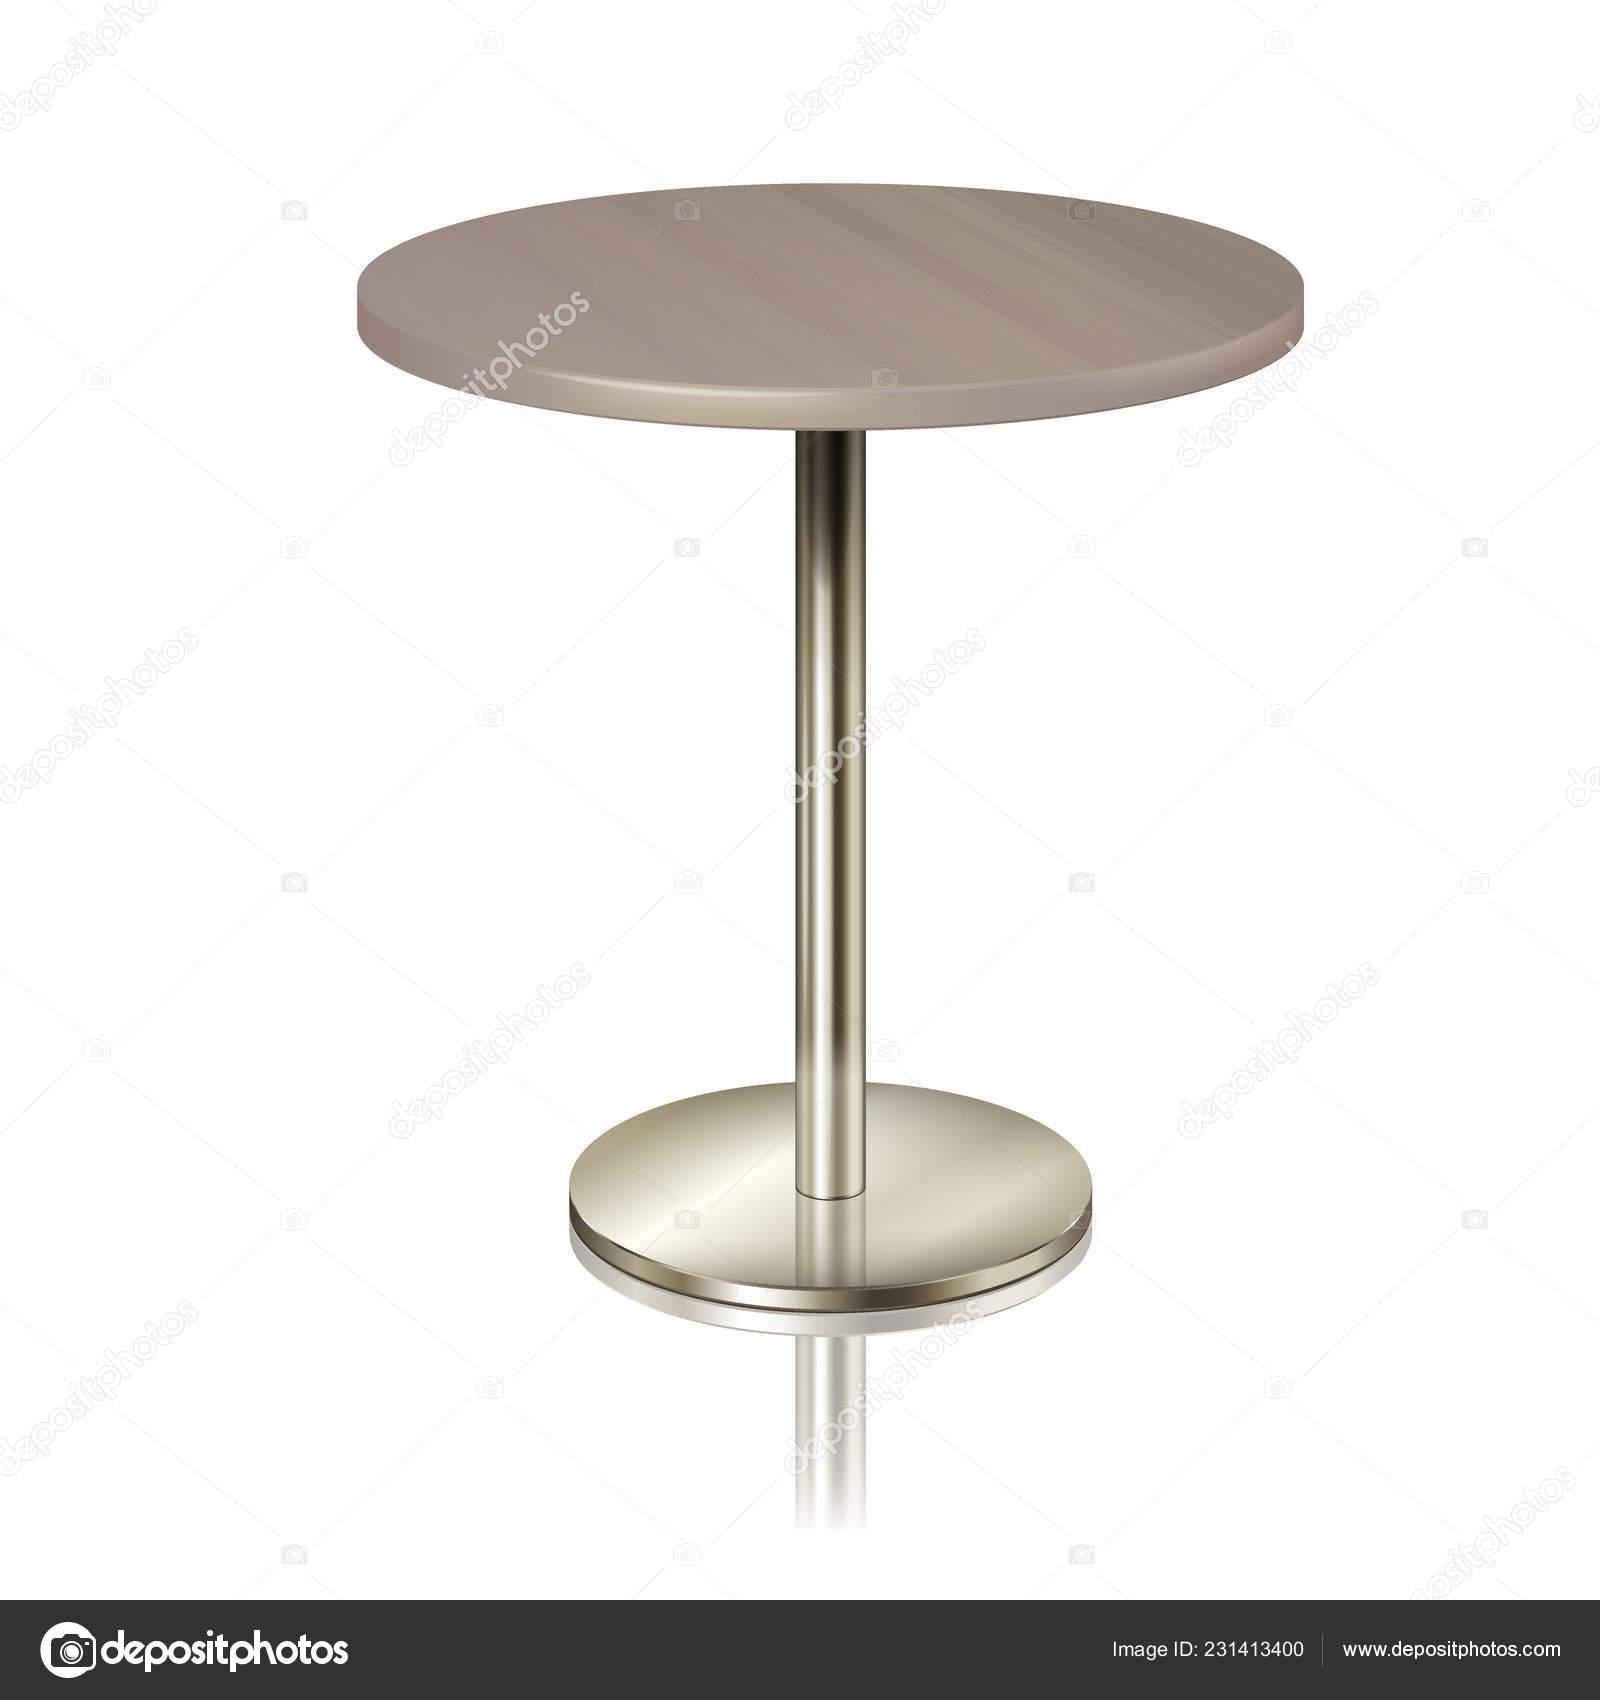 Runder Tisch über Eine Chrom Metall Stehen Ohne Eine Tischdecke